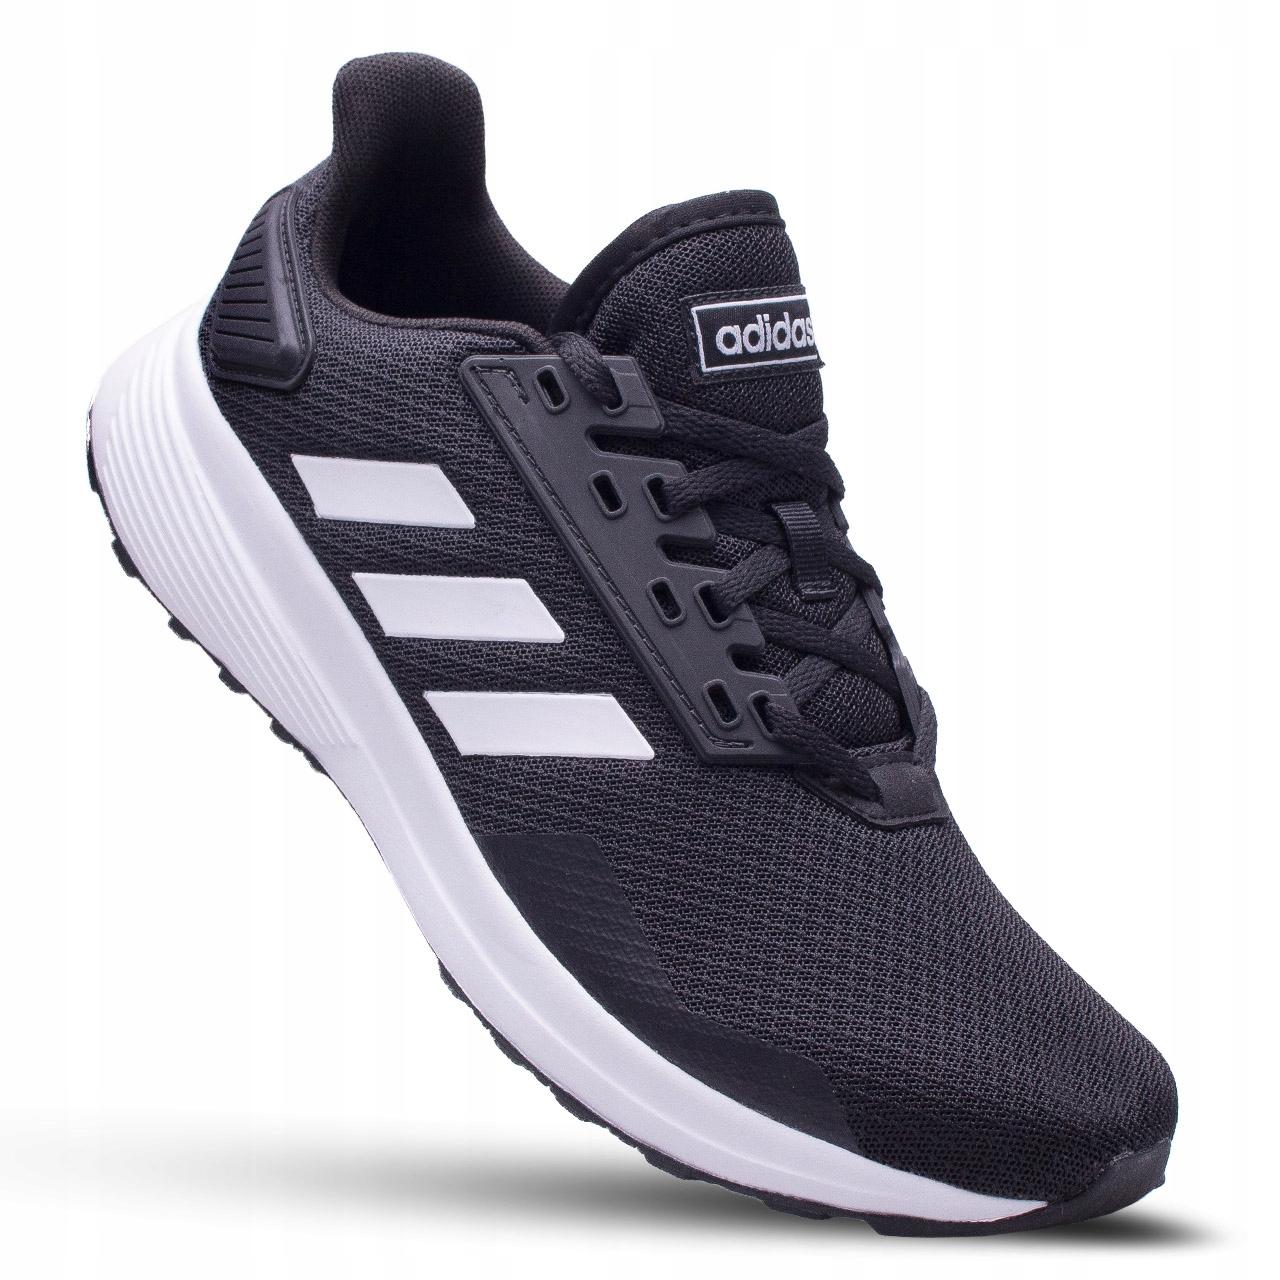 BUTY MĘSKIE adidas Duramo biegowe adidasy CZARNE